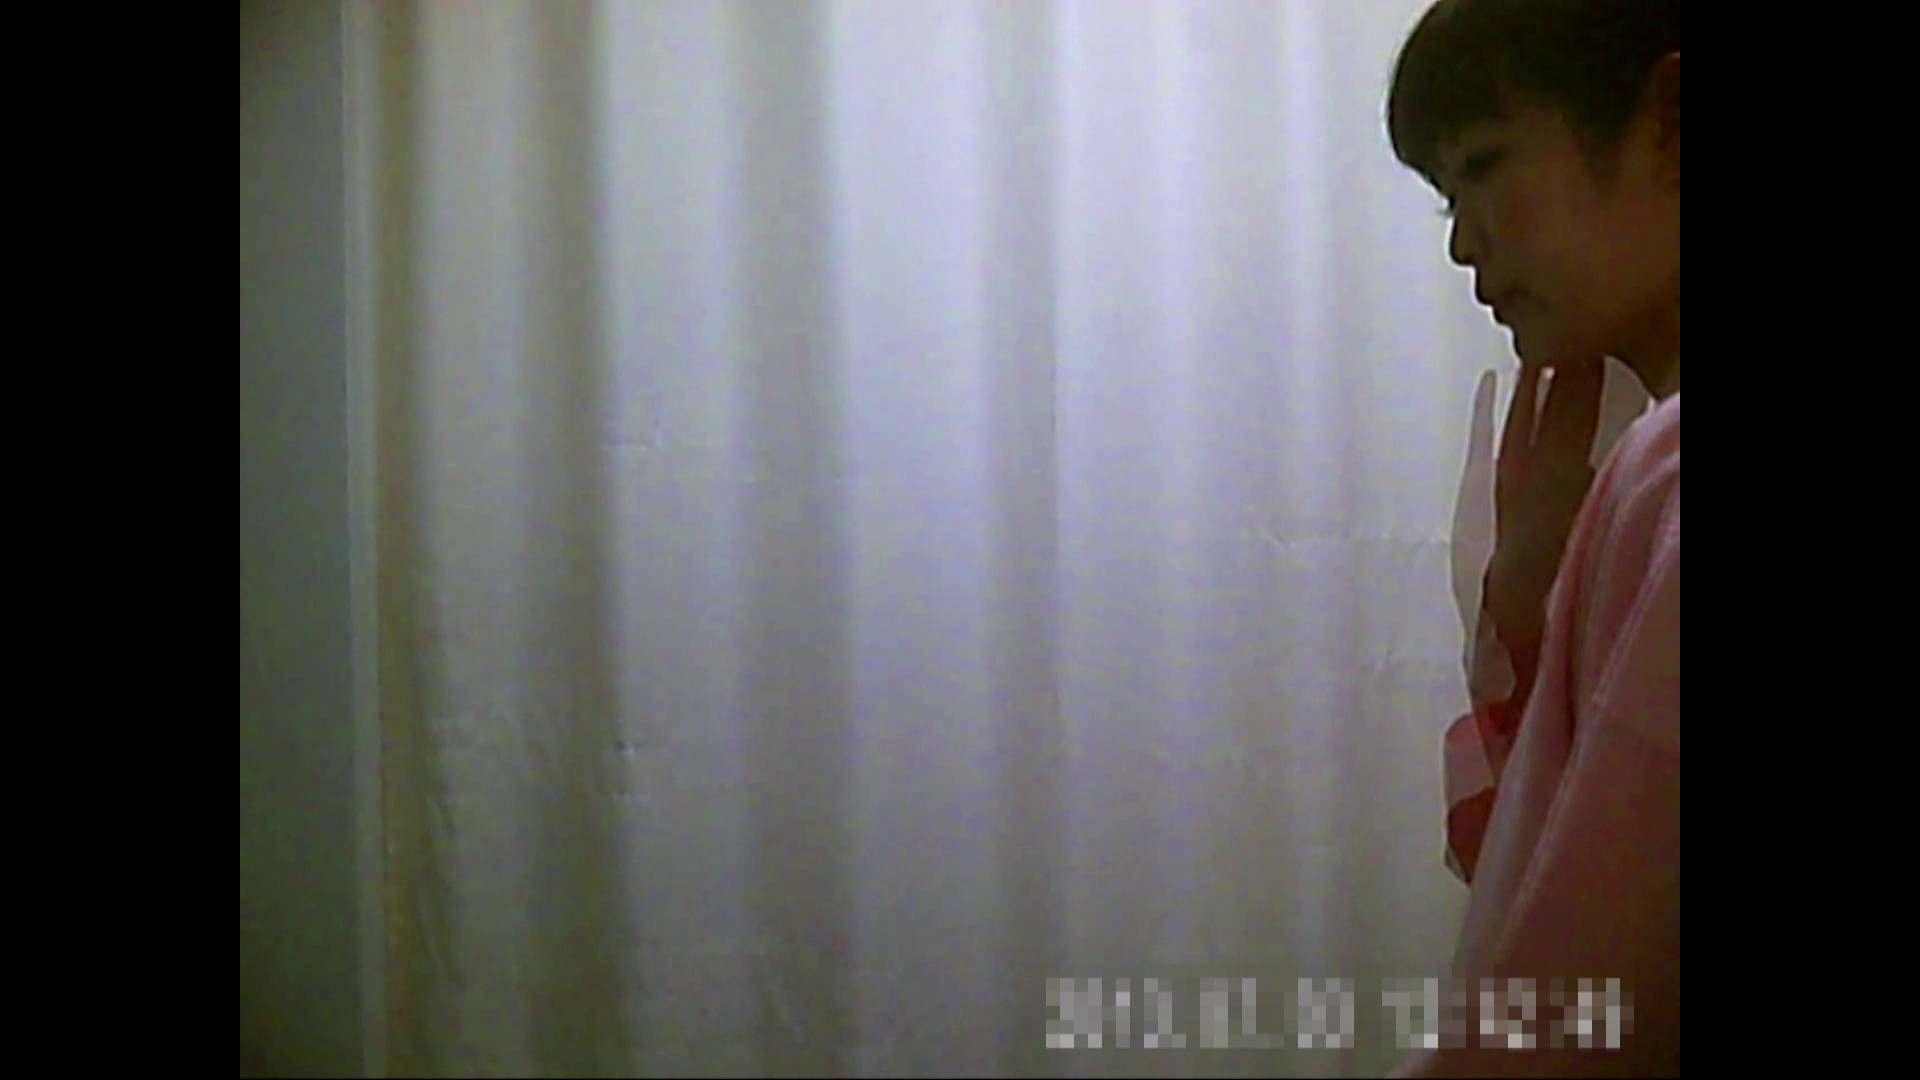 元医者による反抗 更衣室地獄絵巻 vol.038 ギャル攻め ワレメ無修正動画無料 112画像 83